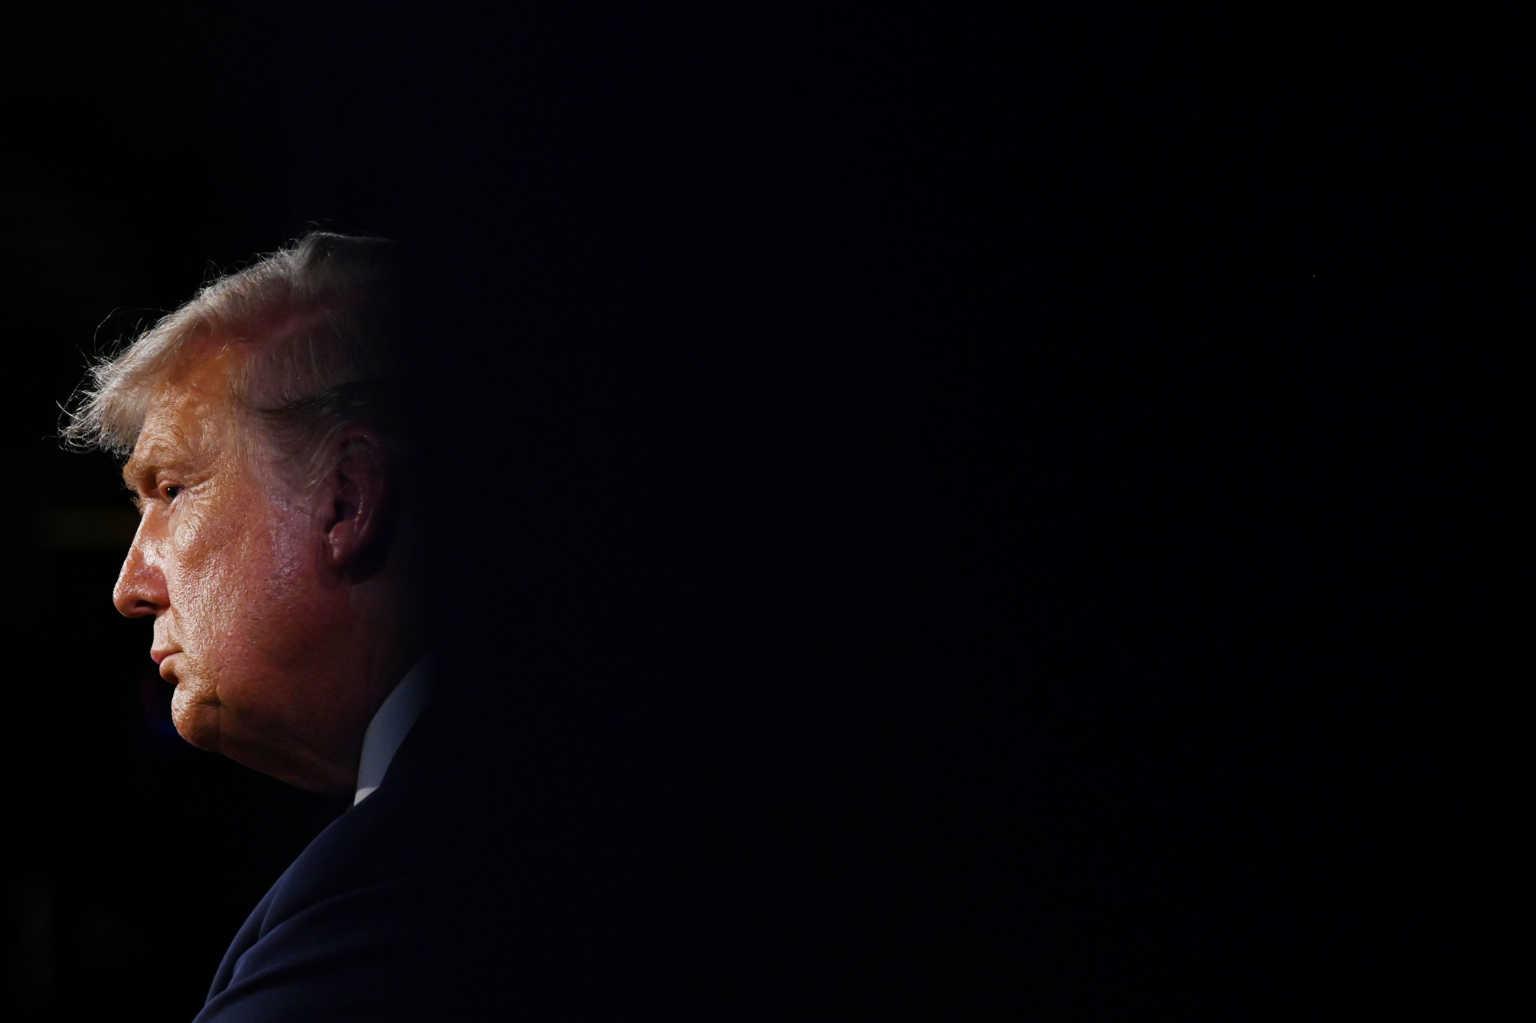 «Ο Τραμπ παίρνει ένα πειραματικό κοκτέιλ αντισωμάτων και αισθάνεται κόπωση»